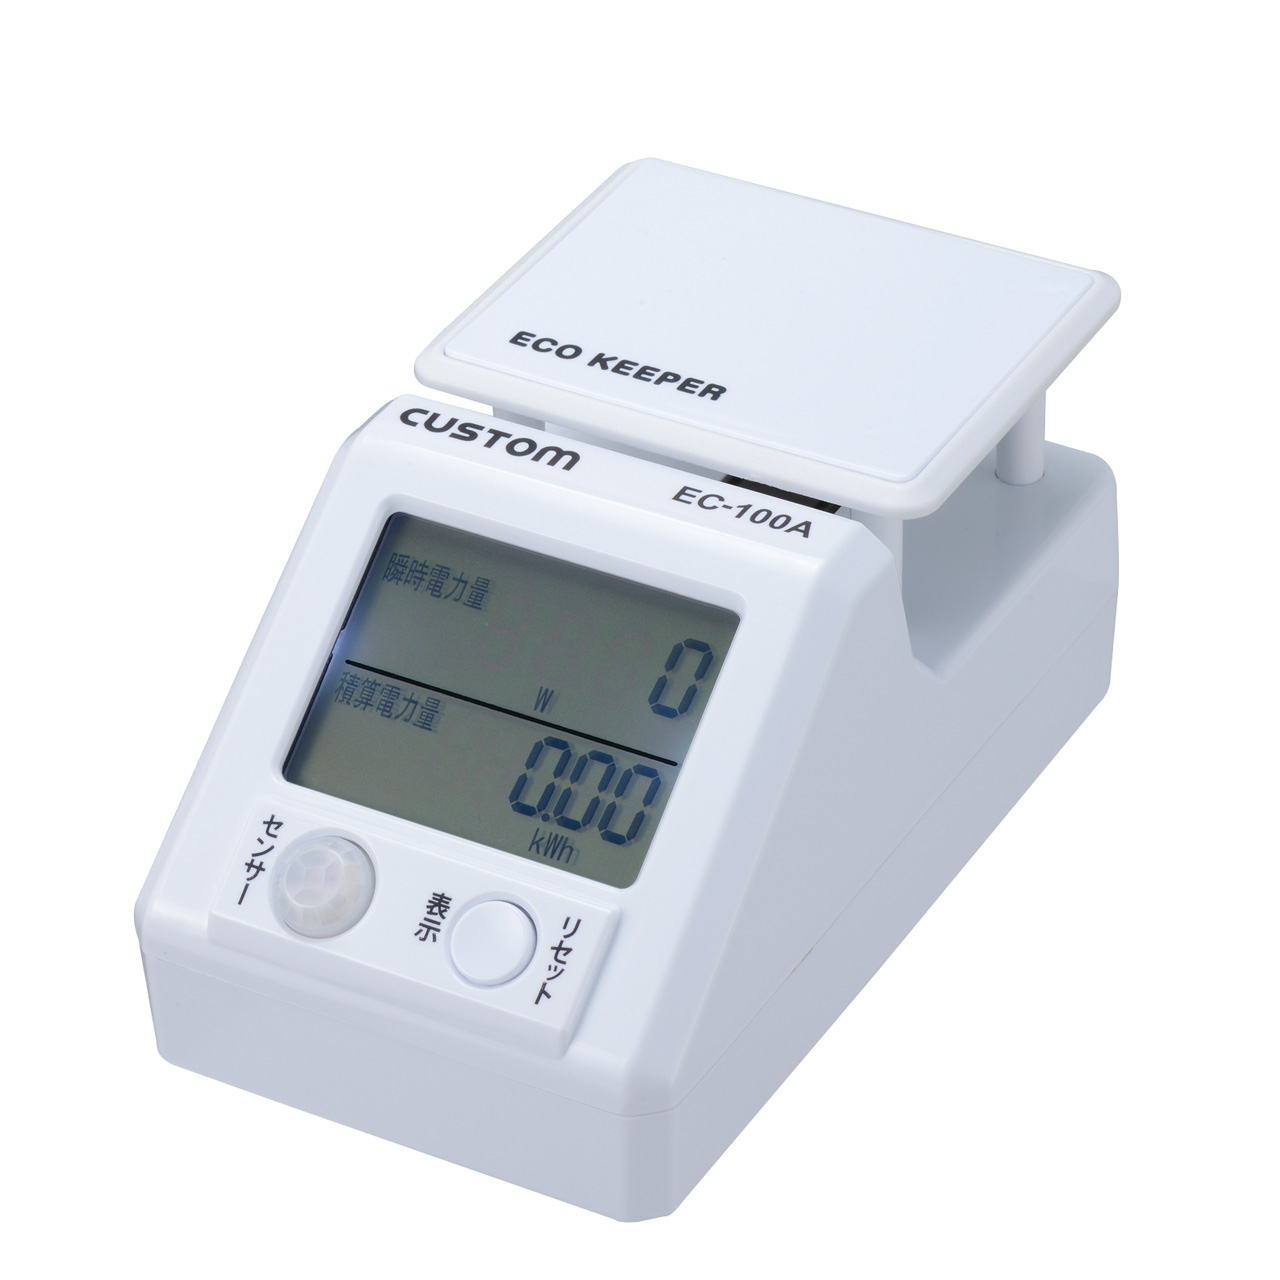 【カスタム】コンセントにさし込むだけでエアコンの使用電力が分かるエアコン用エコキーパー『EC-100A』を新発売の画像